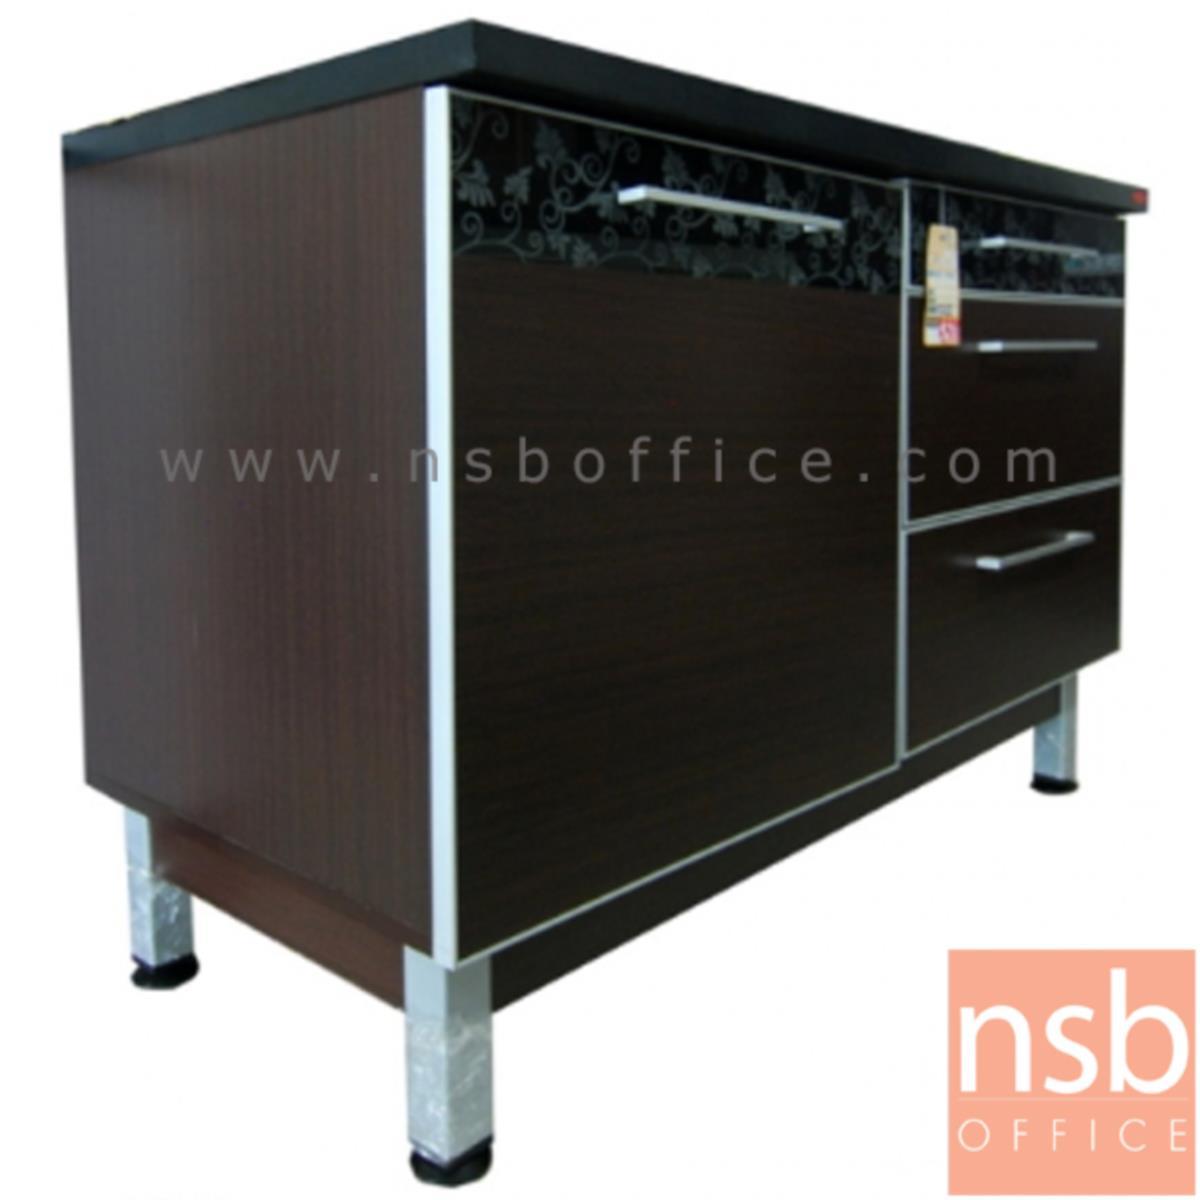 K03A029:ตู้เคาน์เตอร์ กว้าง 120 ซม. TOP เมลามีนสีดำล้วน รุ่น Sanity (แซนนิตินี้)